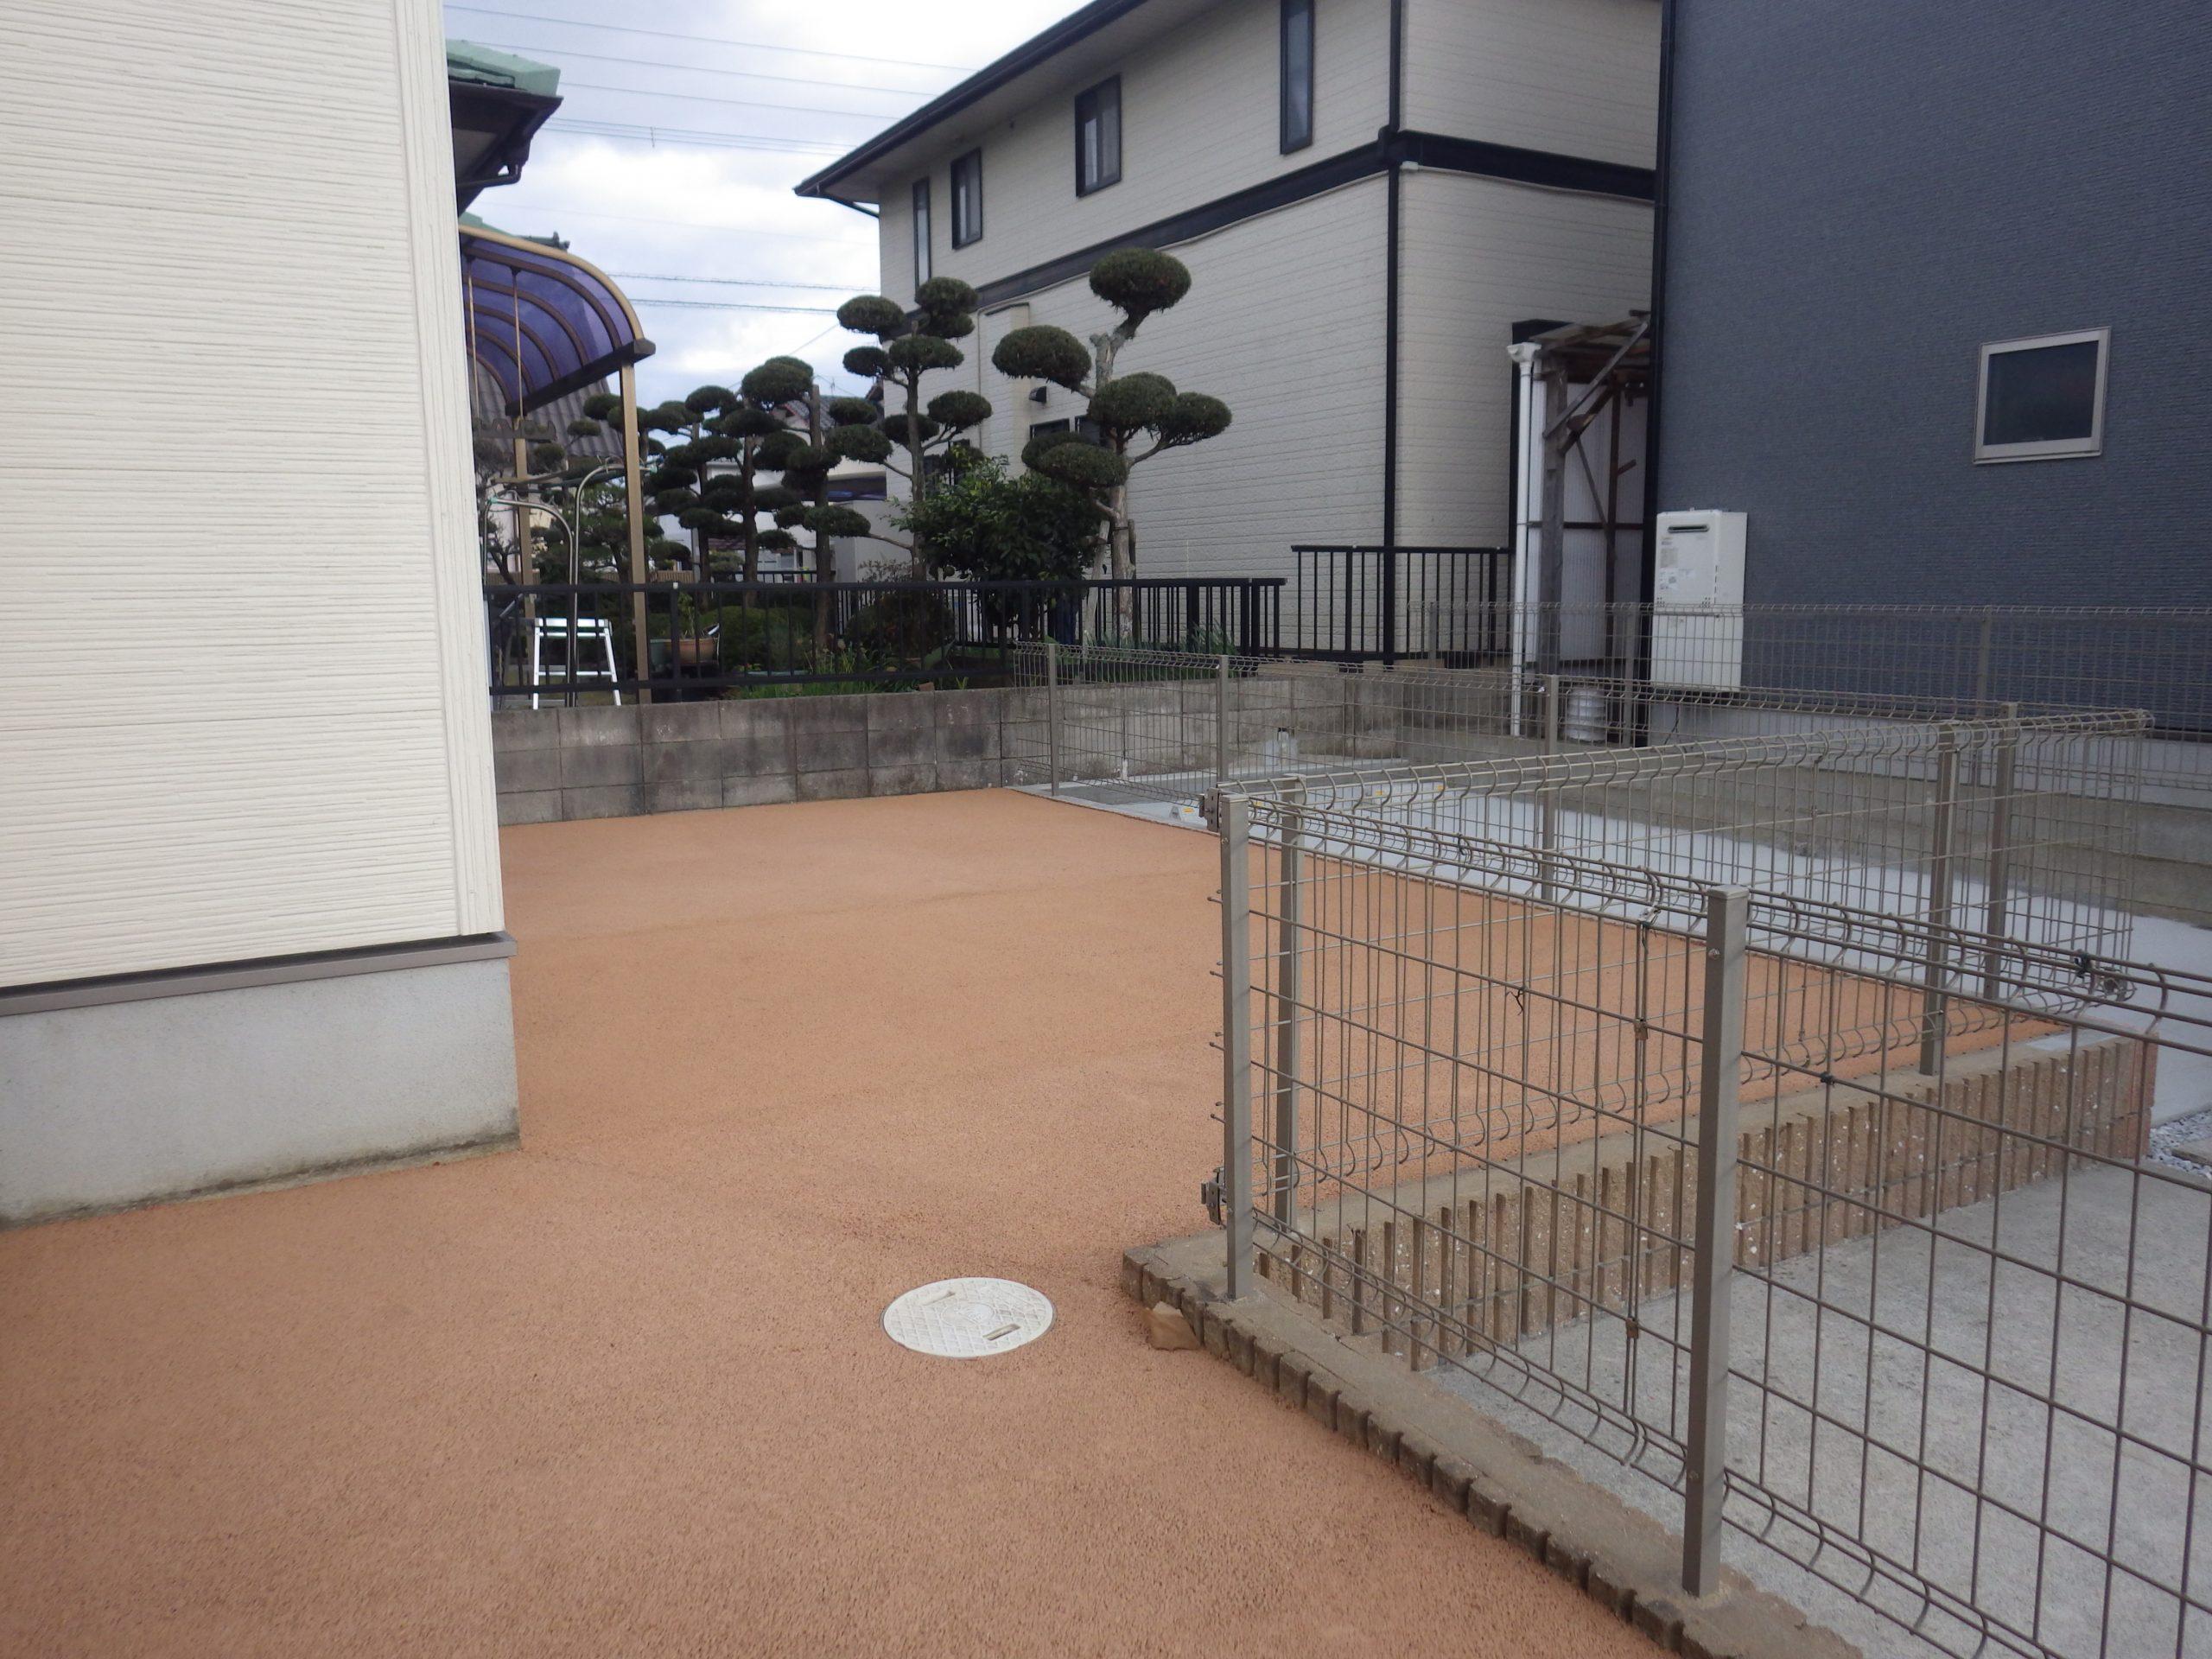 遠賀郡 A邸様 ガチン固施工しました